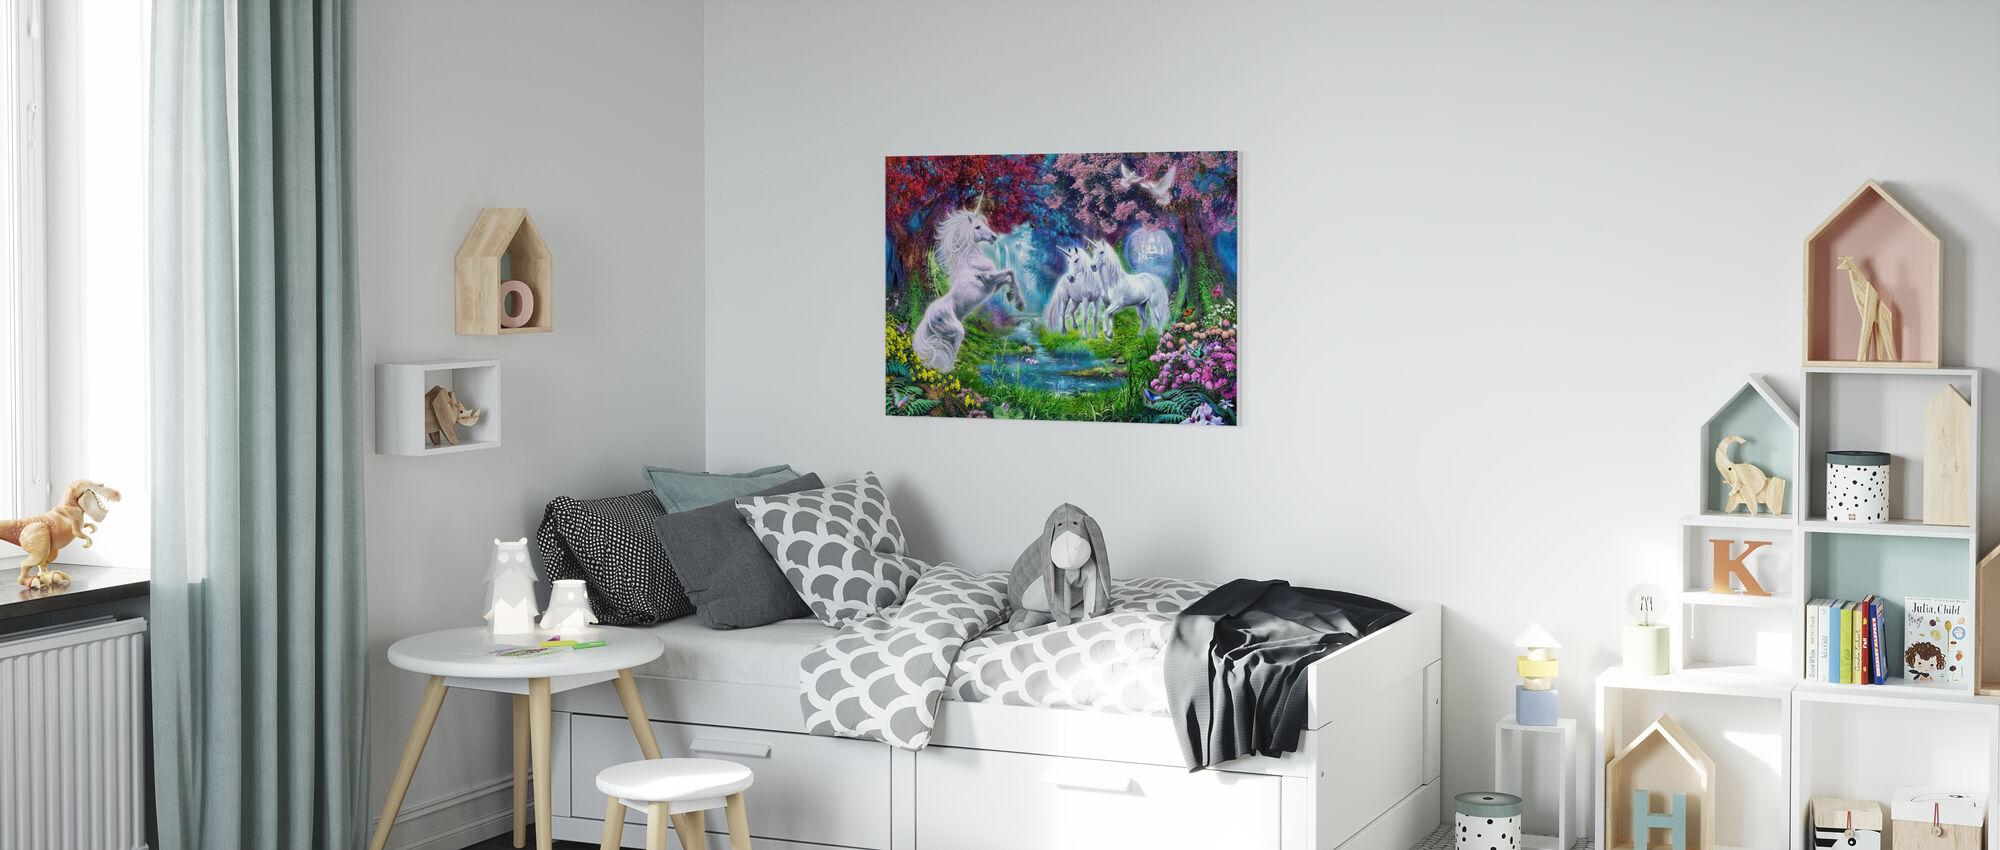 Enhörningen Rendezvous - Canvastavla - Barnrum